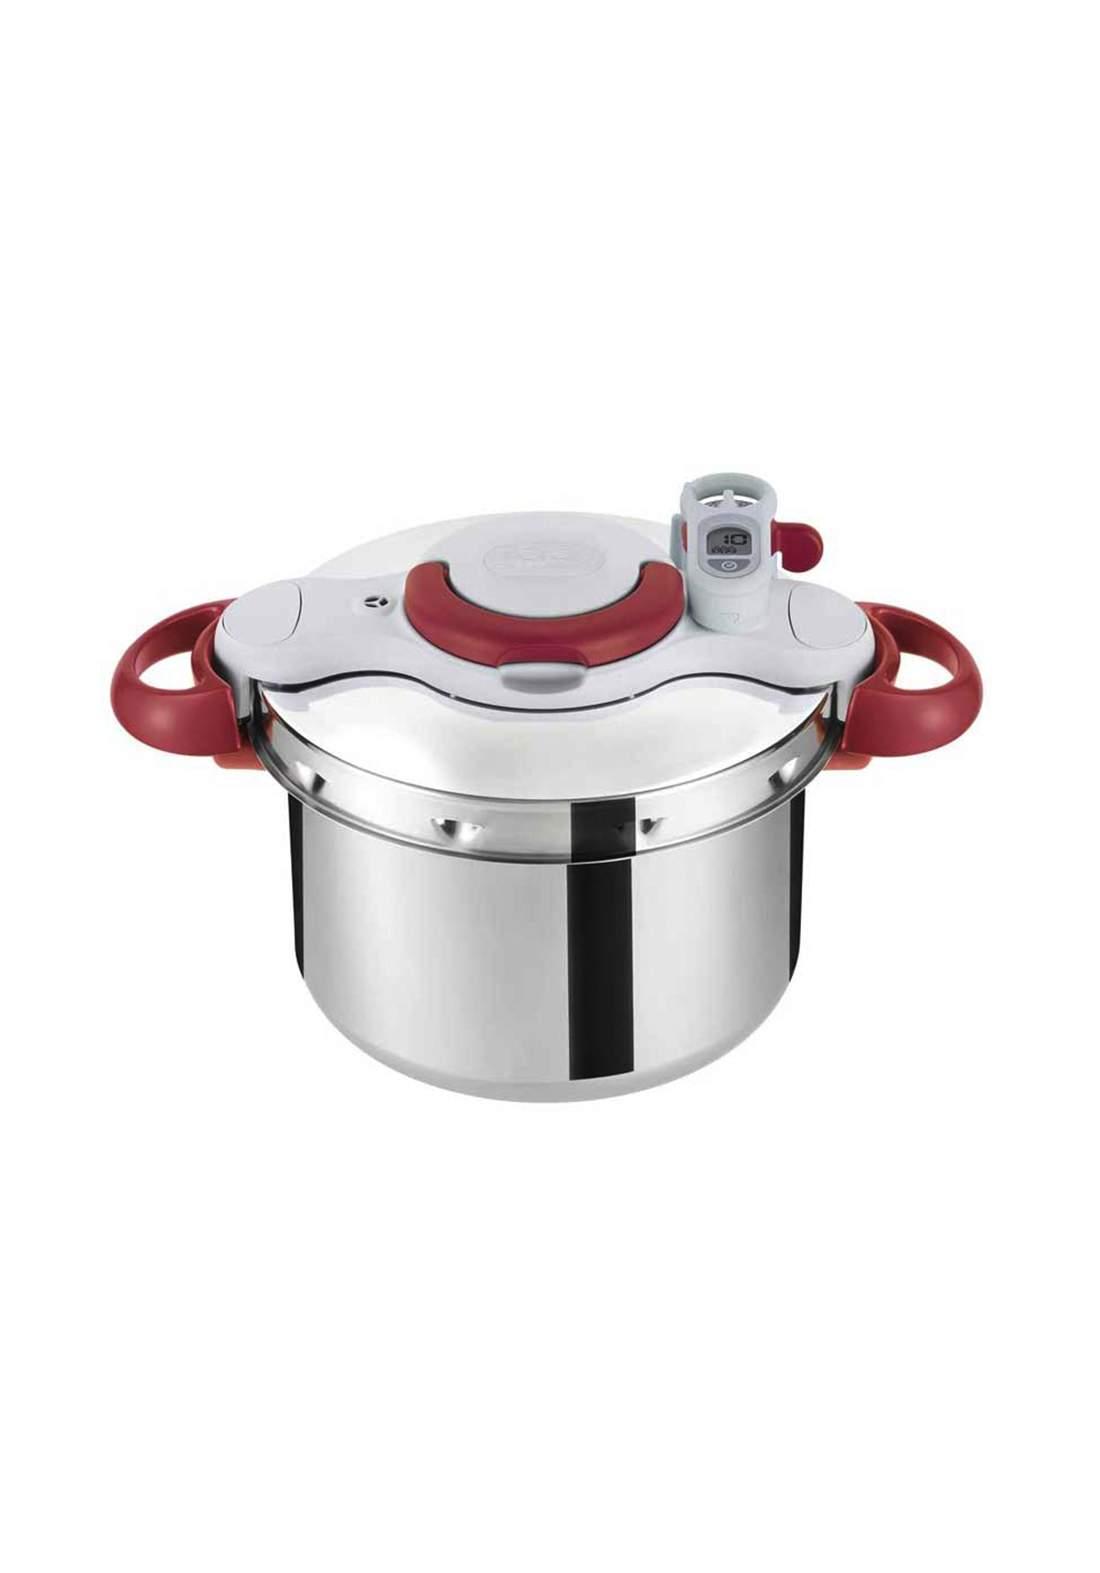 Tefal P4624931 Clipso Perfect  Pressure Cooker 9L قدر ضغط